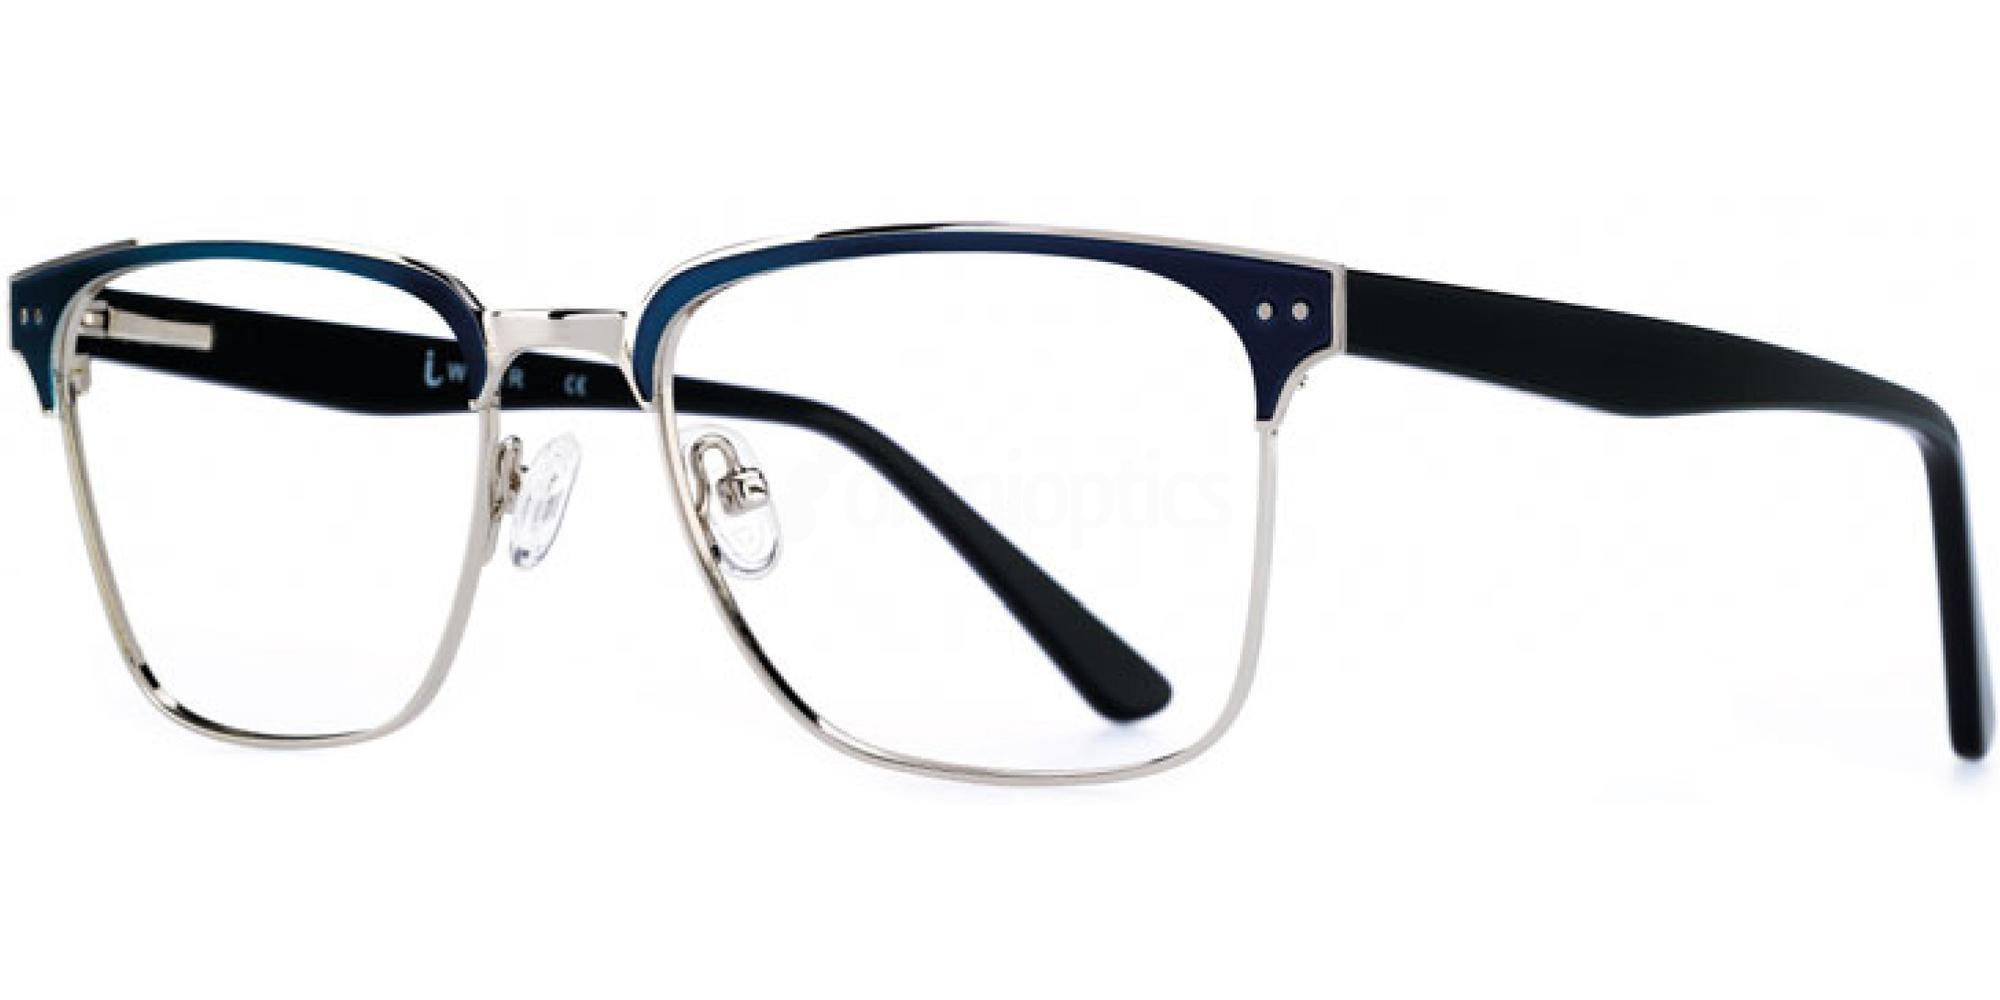 C1 i Wear 6071 Glasses, i Wear